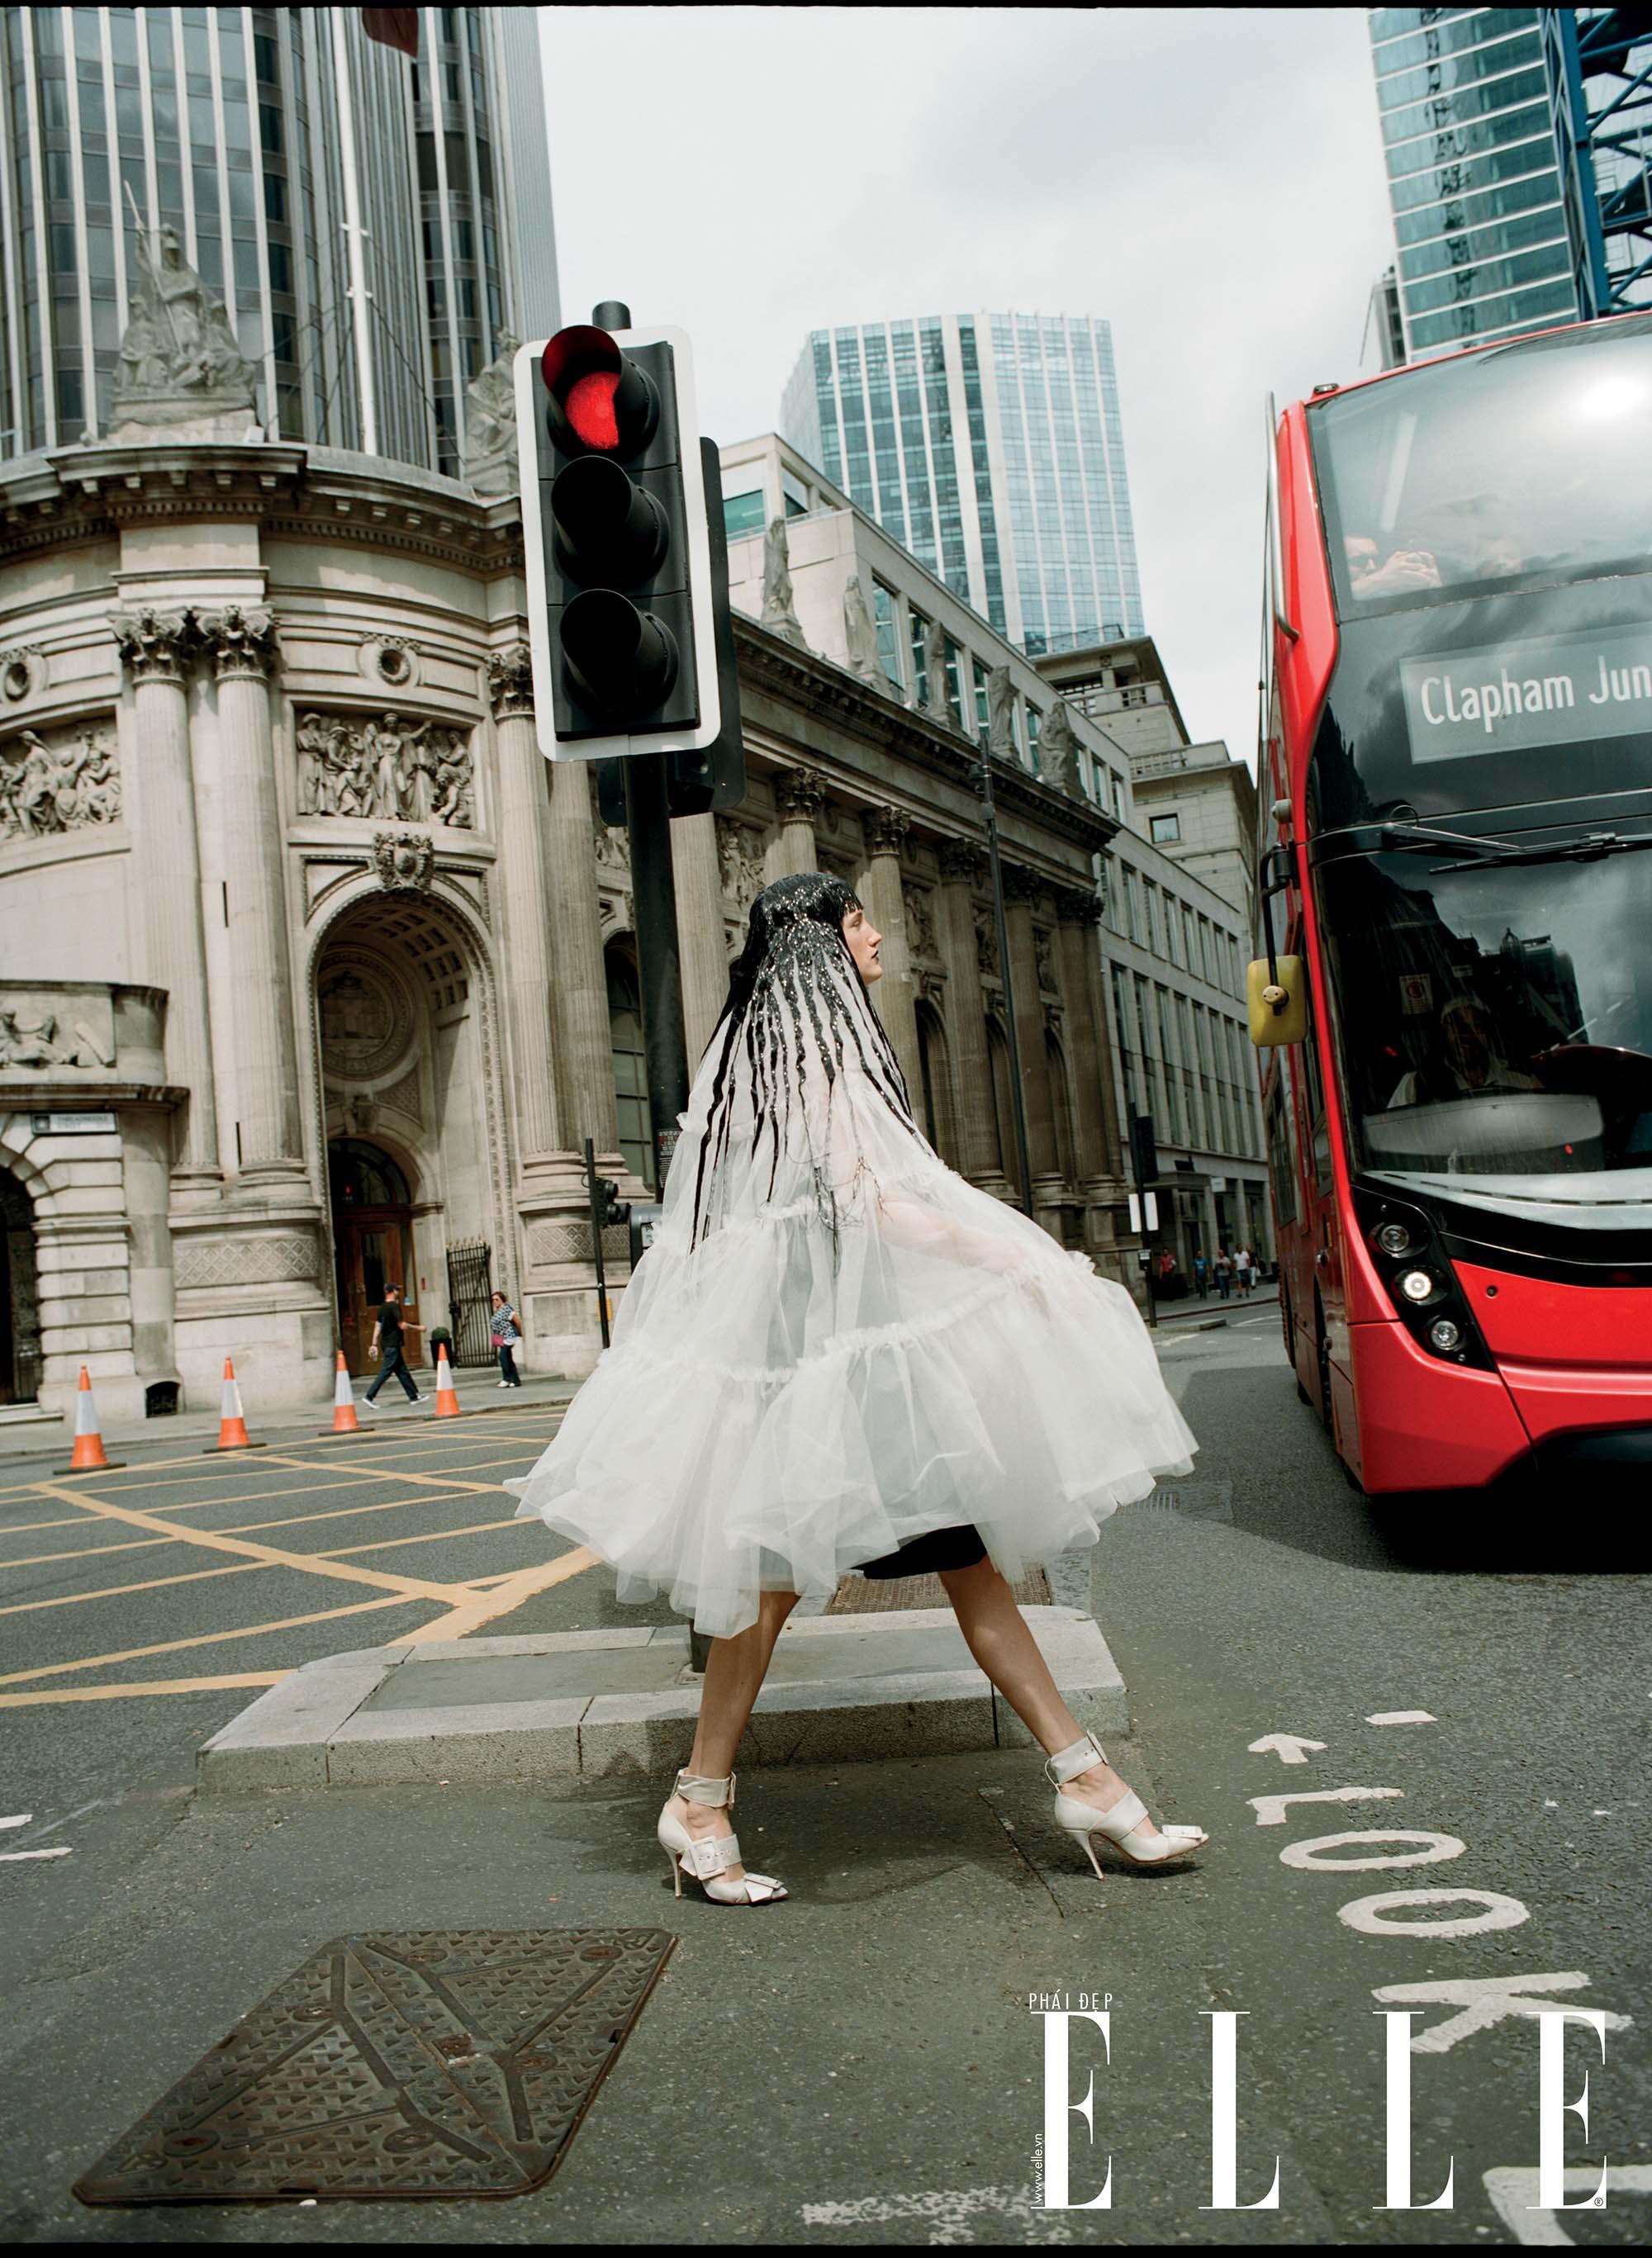 bộ ảnh người mẫu mặc thiết kế vải voan trắng